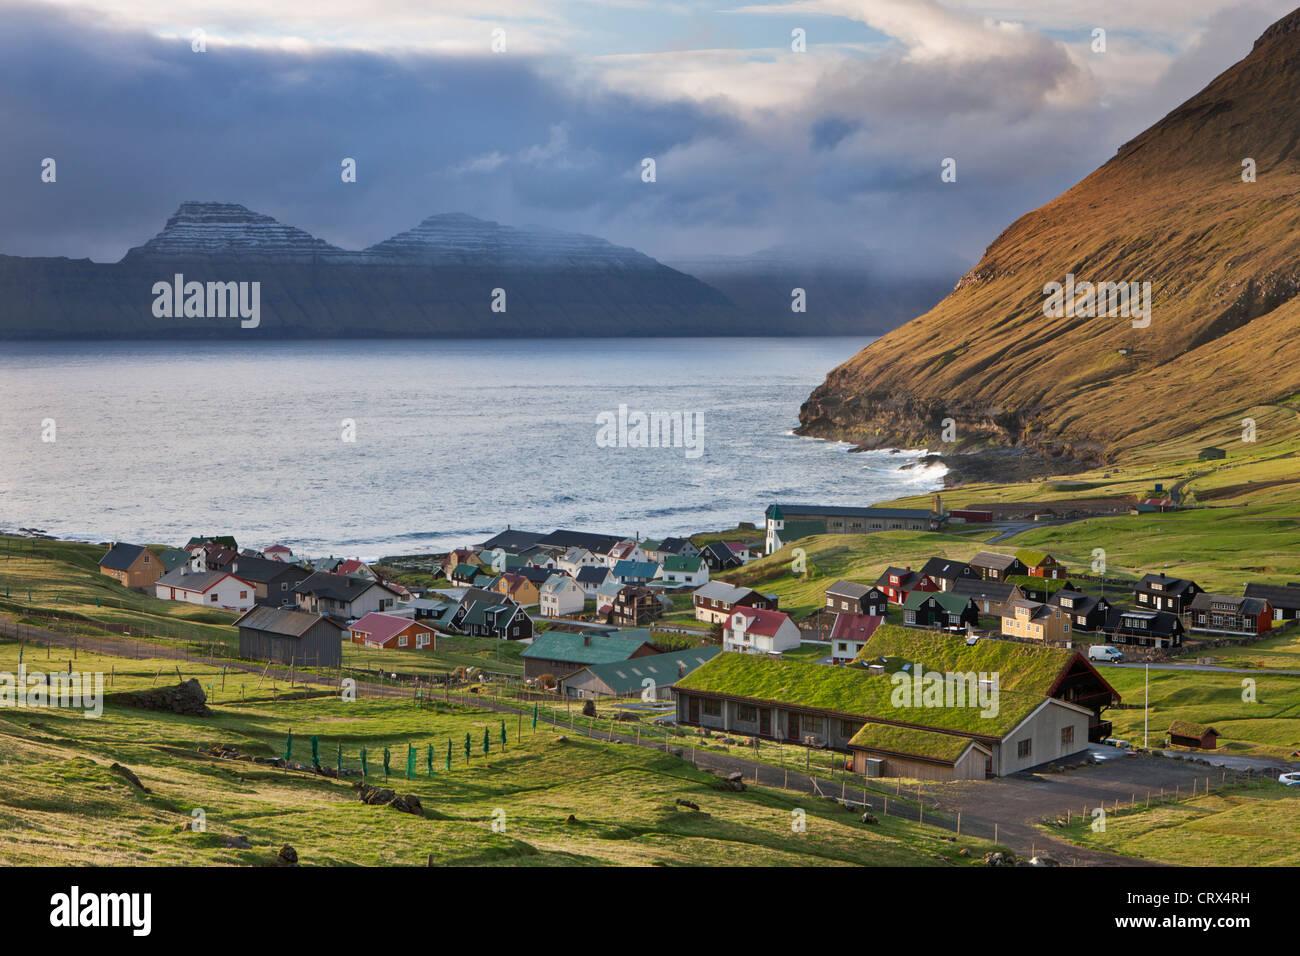 Village pittoresque de mais confortables et disposent de l'île de Eysturoy, Îles Féroé. Photo Stock